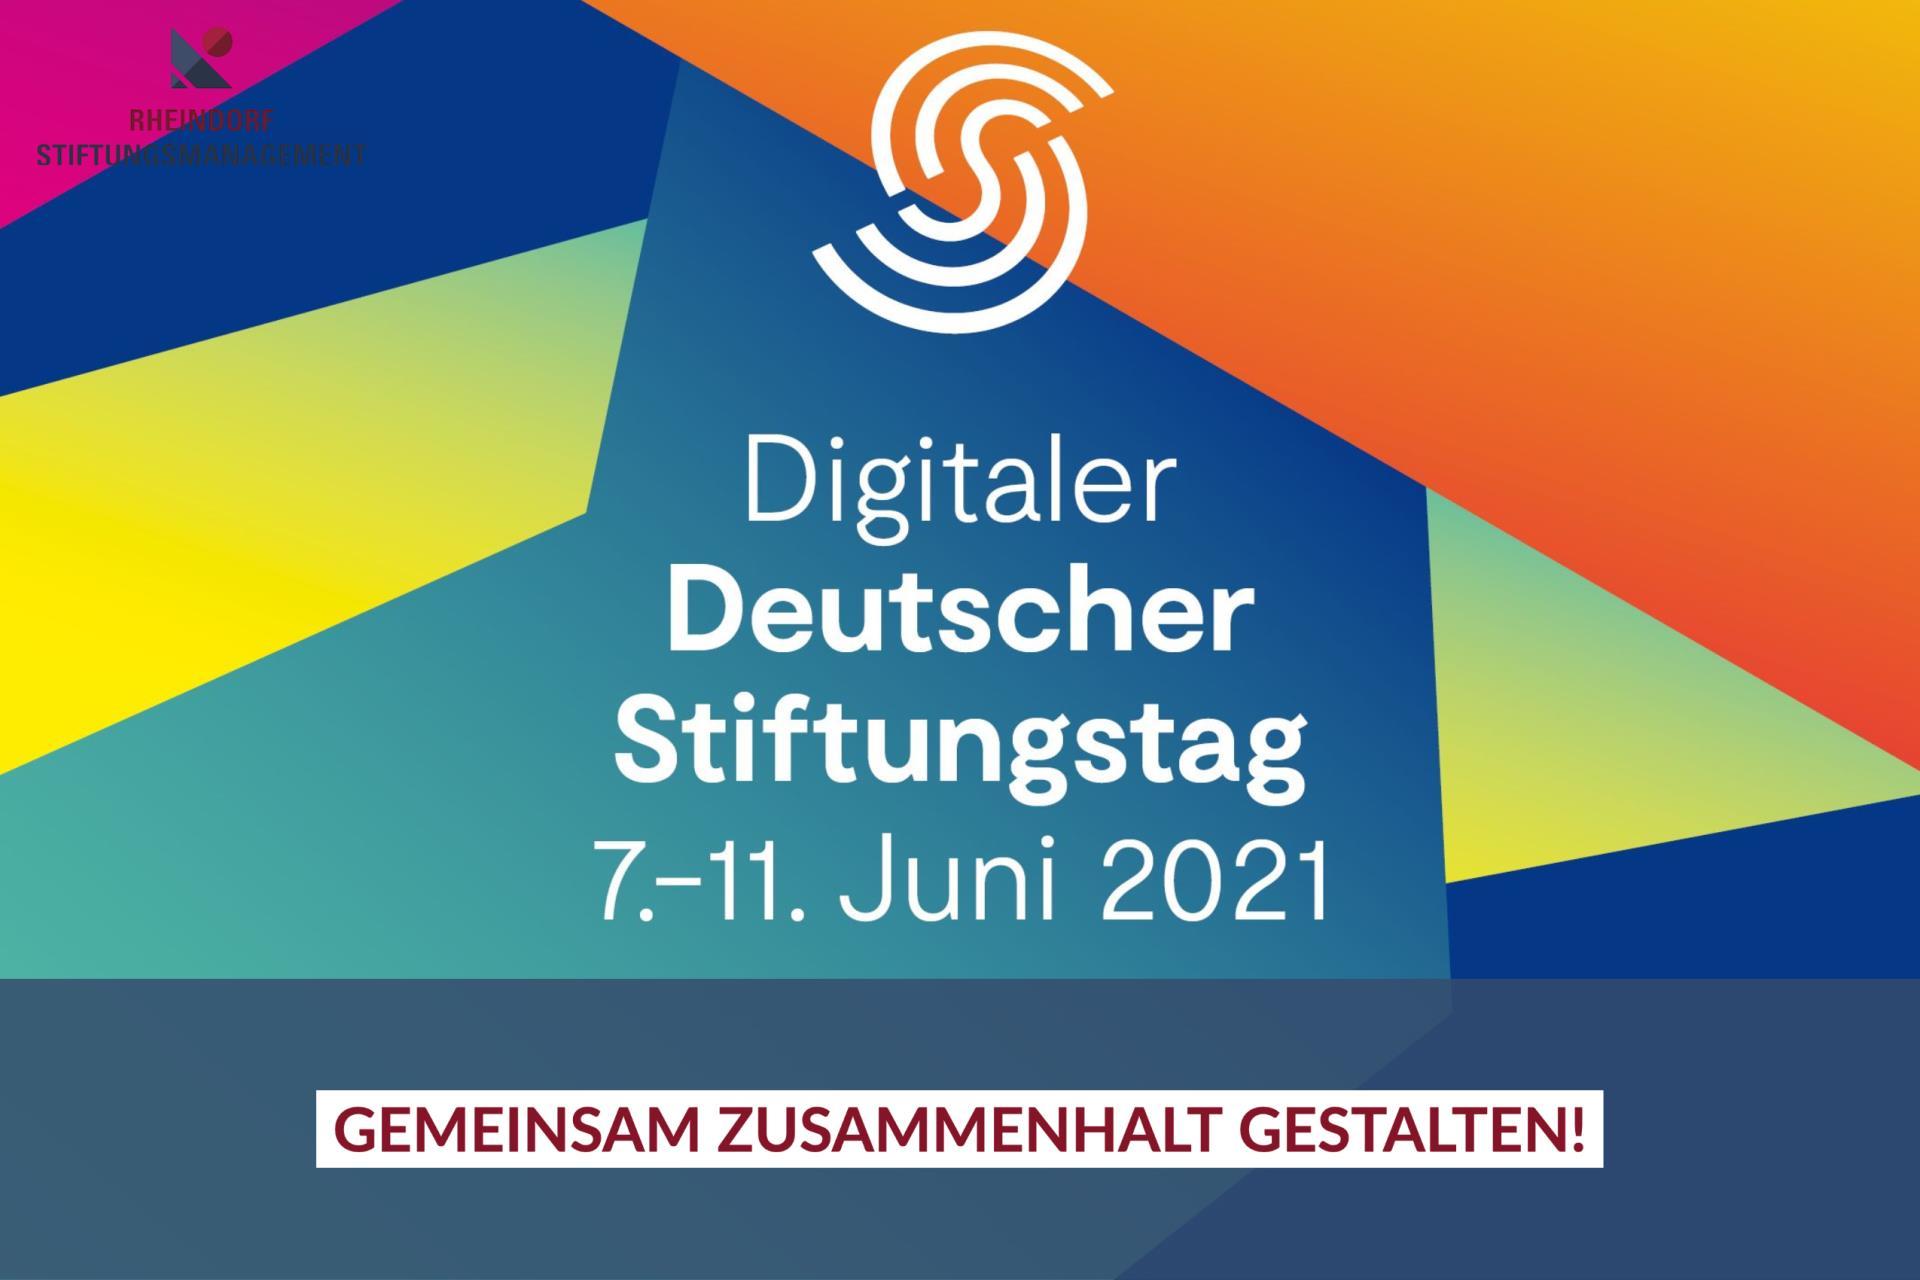 Digitaler Deutscher Stiftungstag 2021 – wir waren dabei!